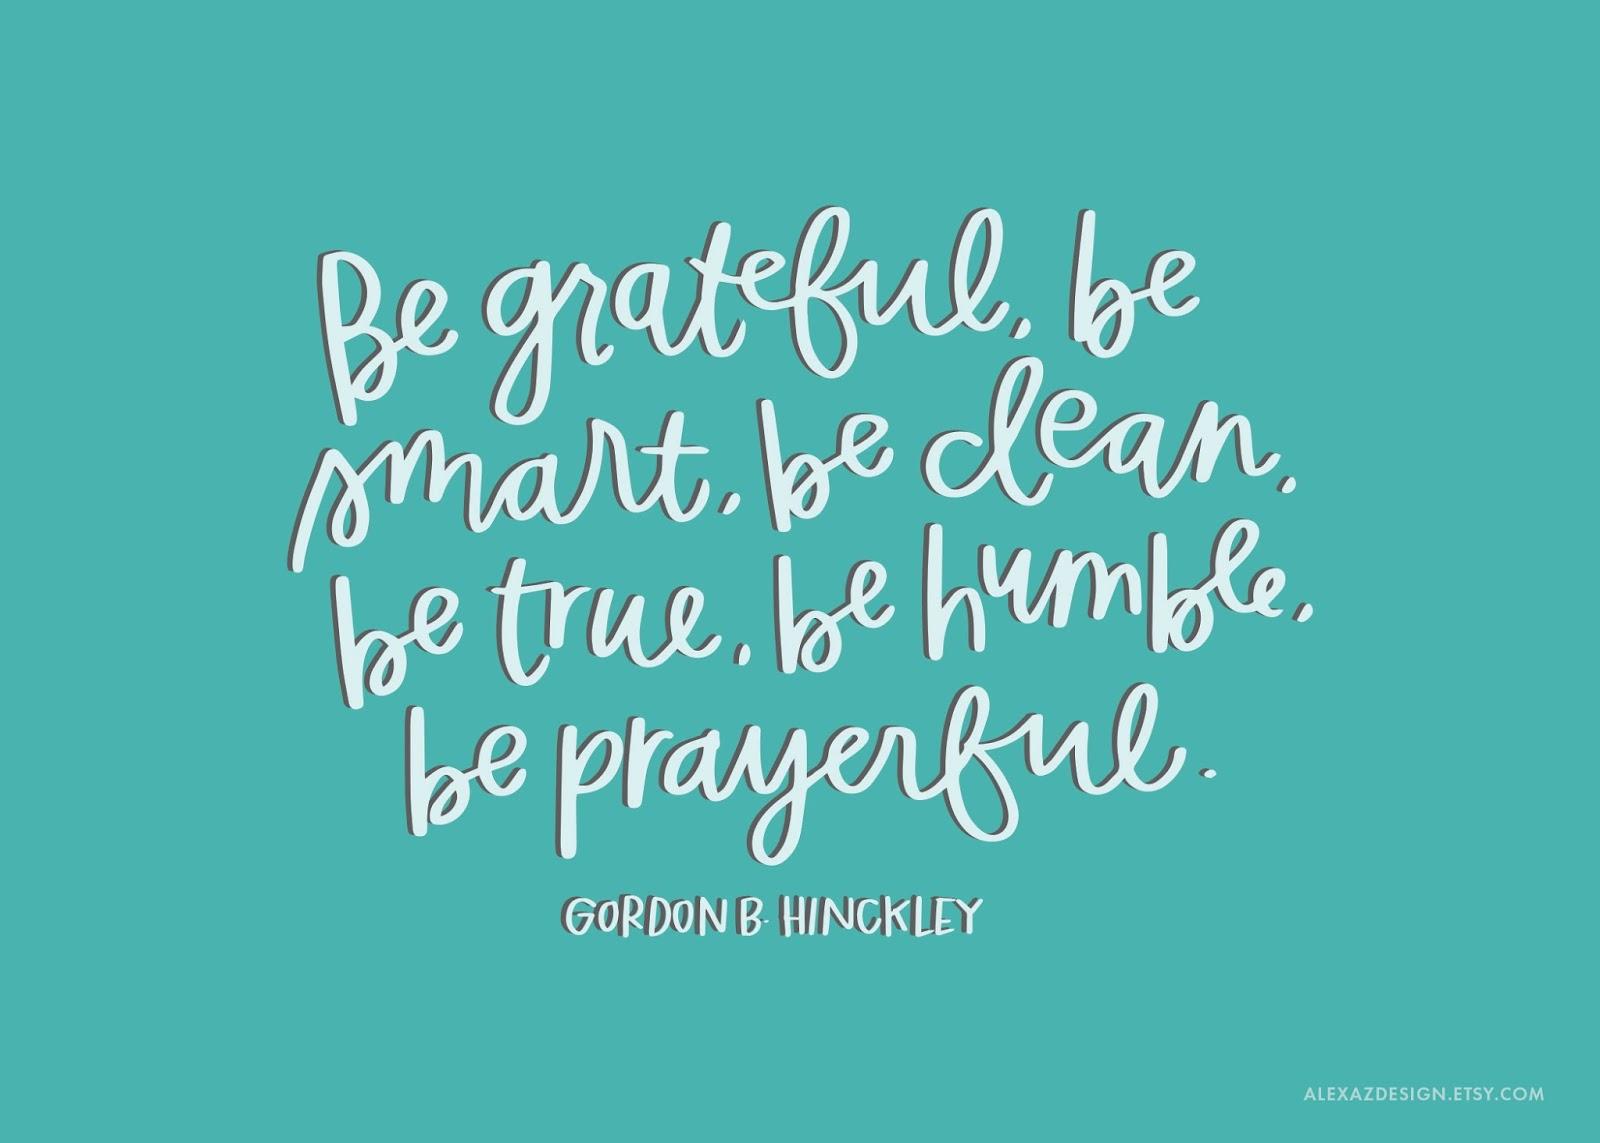 Printable Relief Society Handouts   Gordon B. Hinckley Quotes   He ...